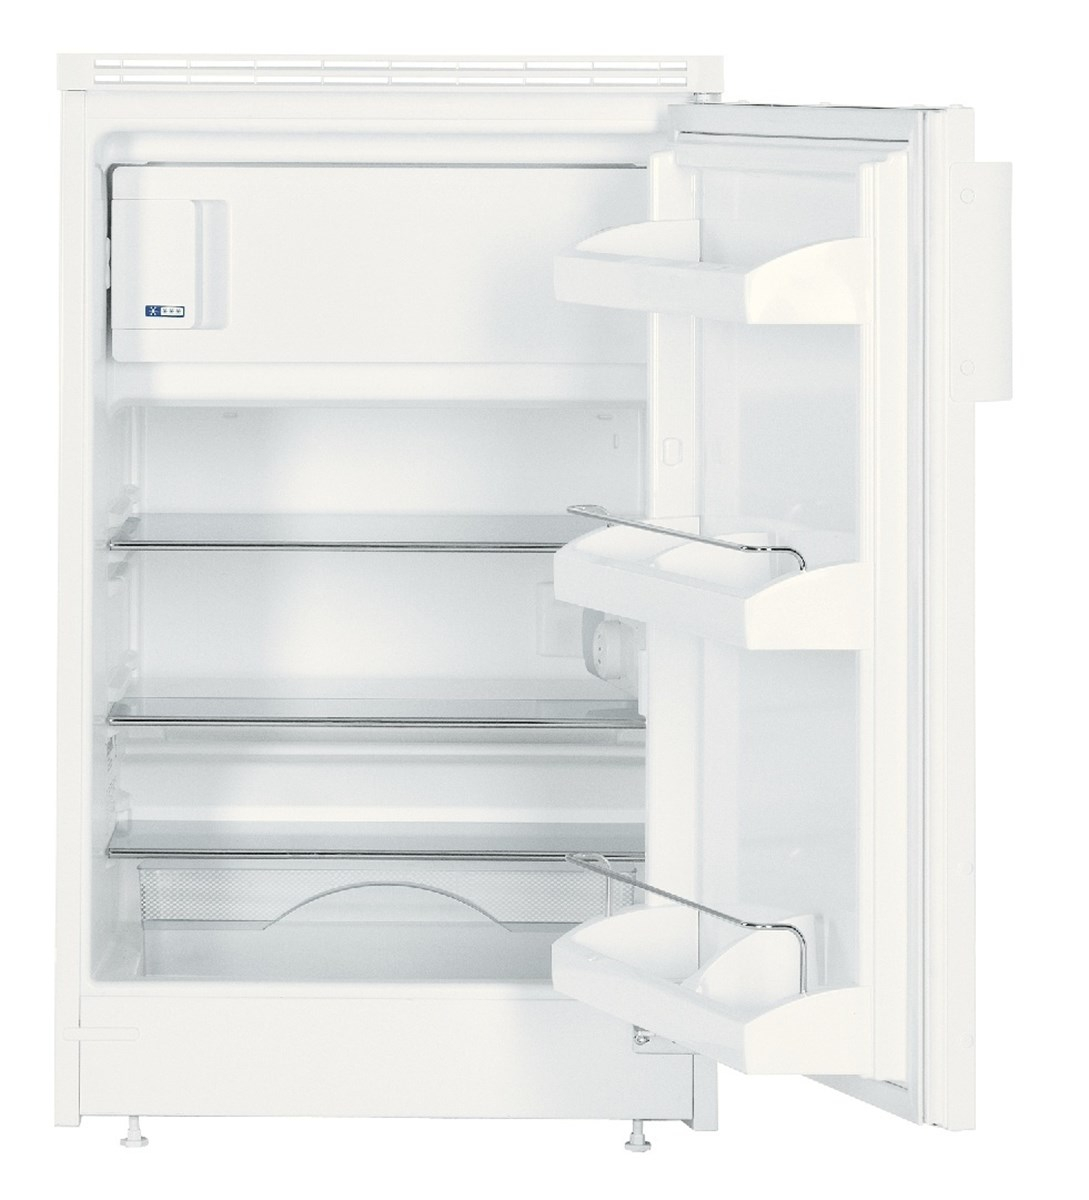 купить Встраиваемый однокамерный холодильник Liebherr UK 1414 Украина фото 2